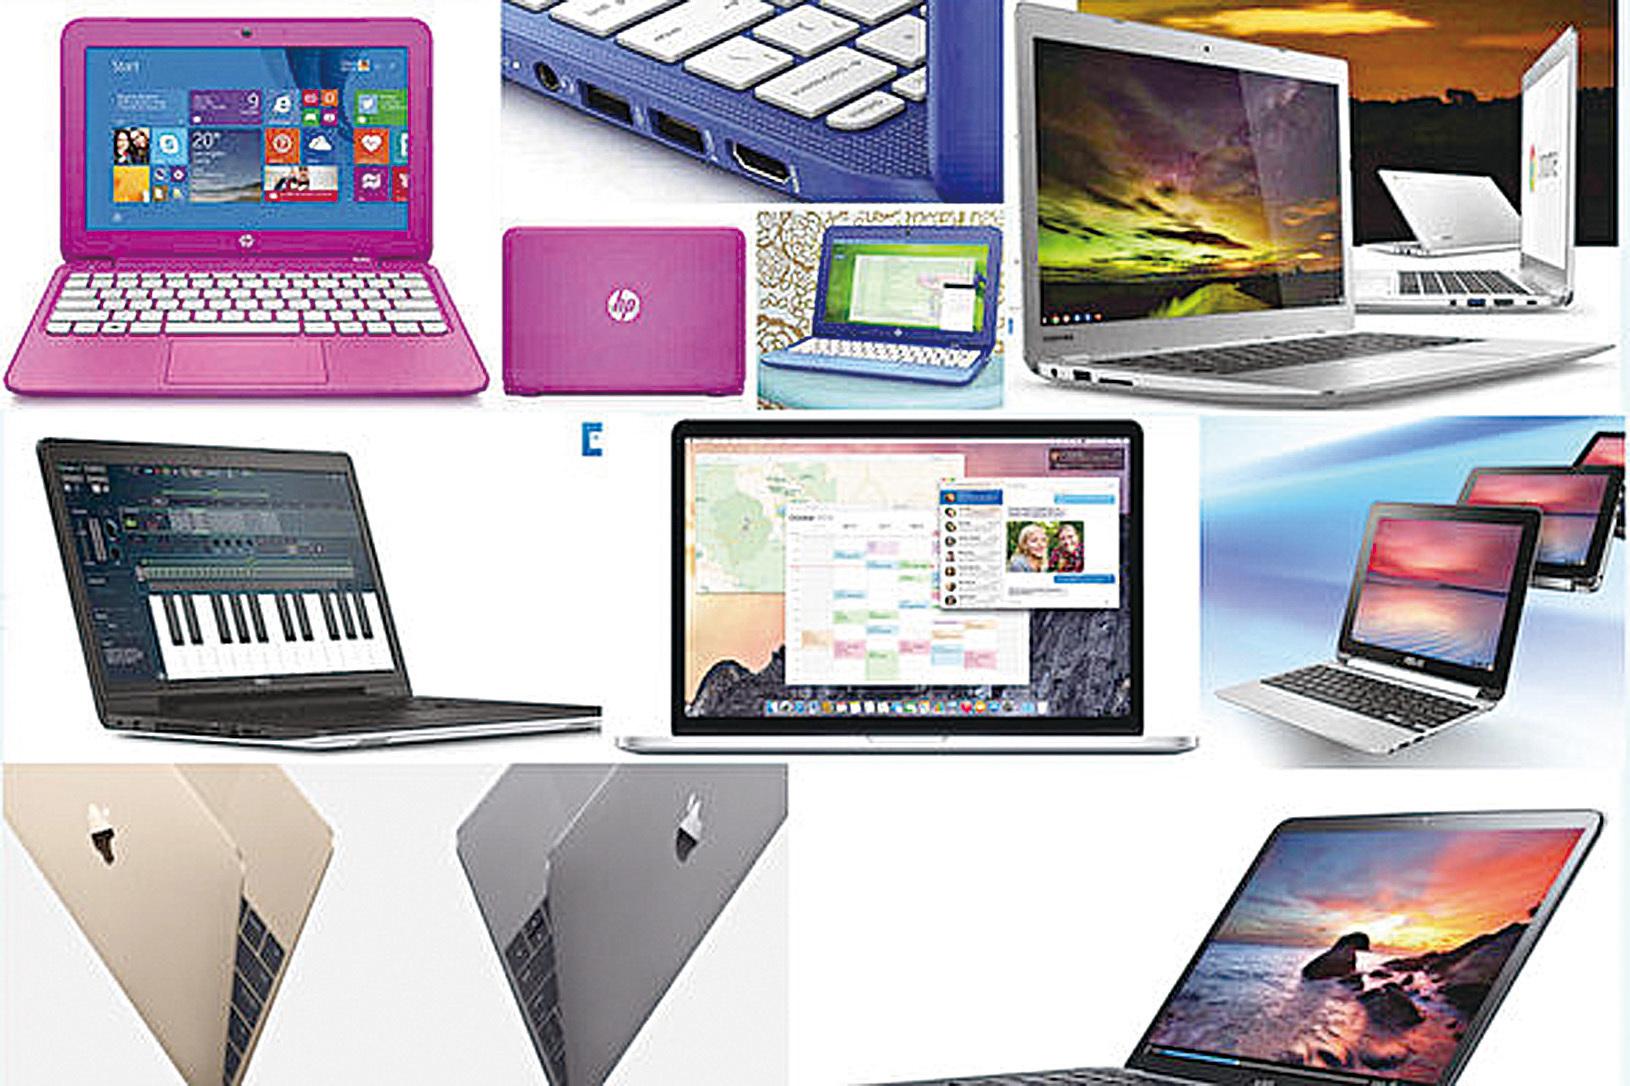 想要在2017年購買一台新的手提電腦?價格、性能、尺寸等等都可能是你要考慮的問題。(大紀元合成圖)